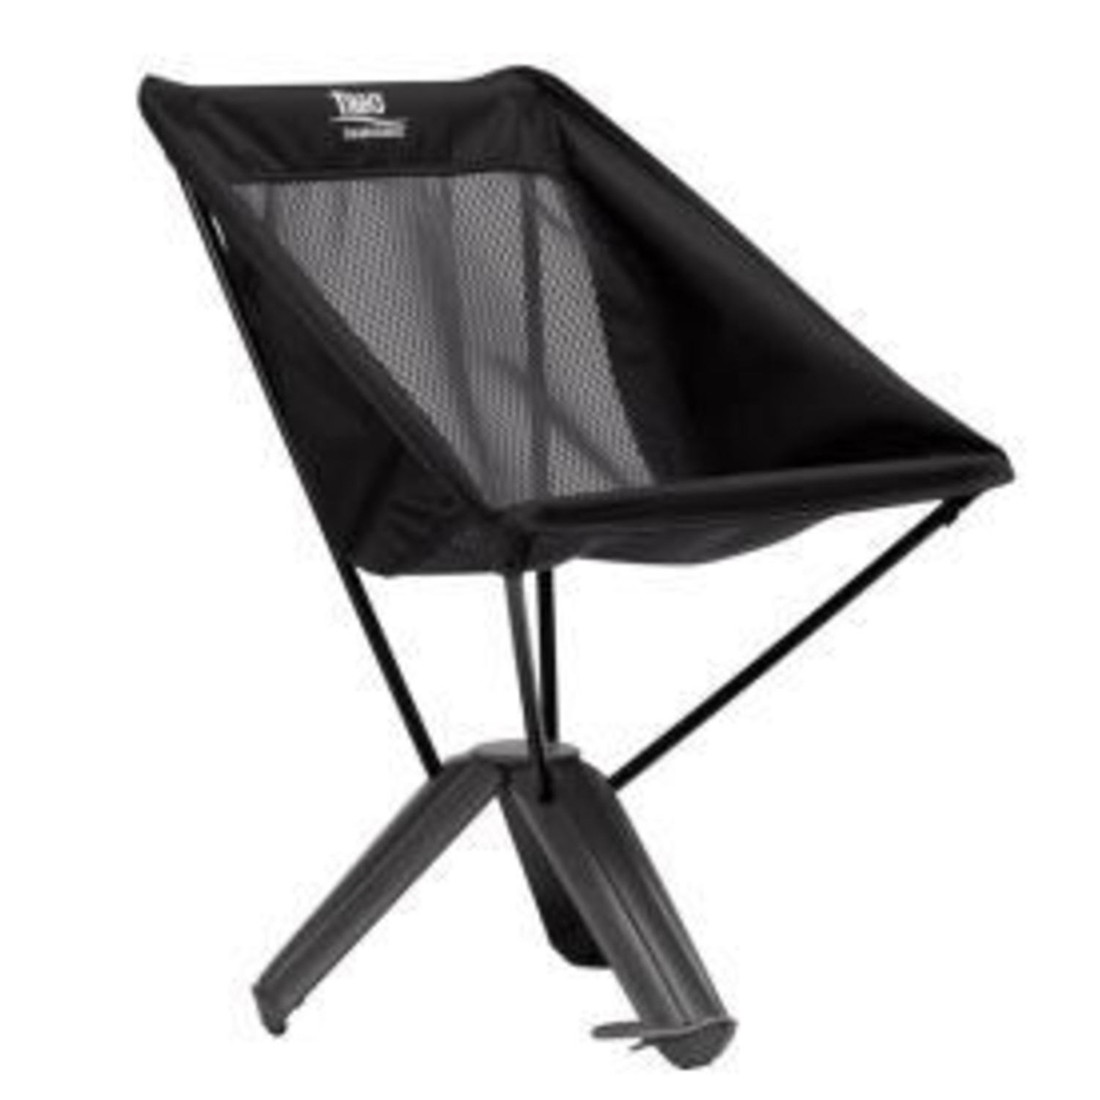 サーマレスト トレオチェア コンパクト収納 椅子   国内正規品 30497